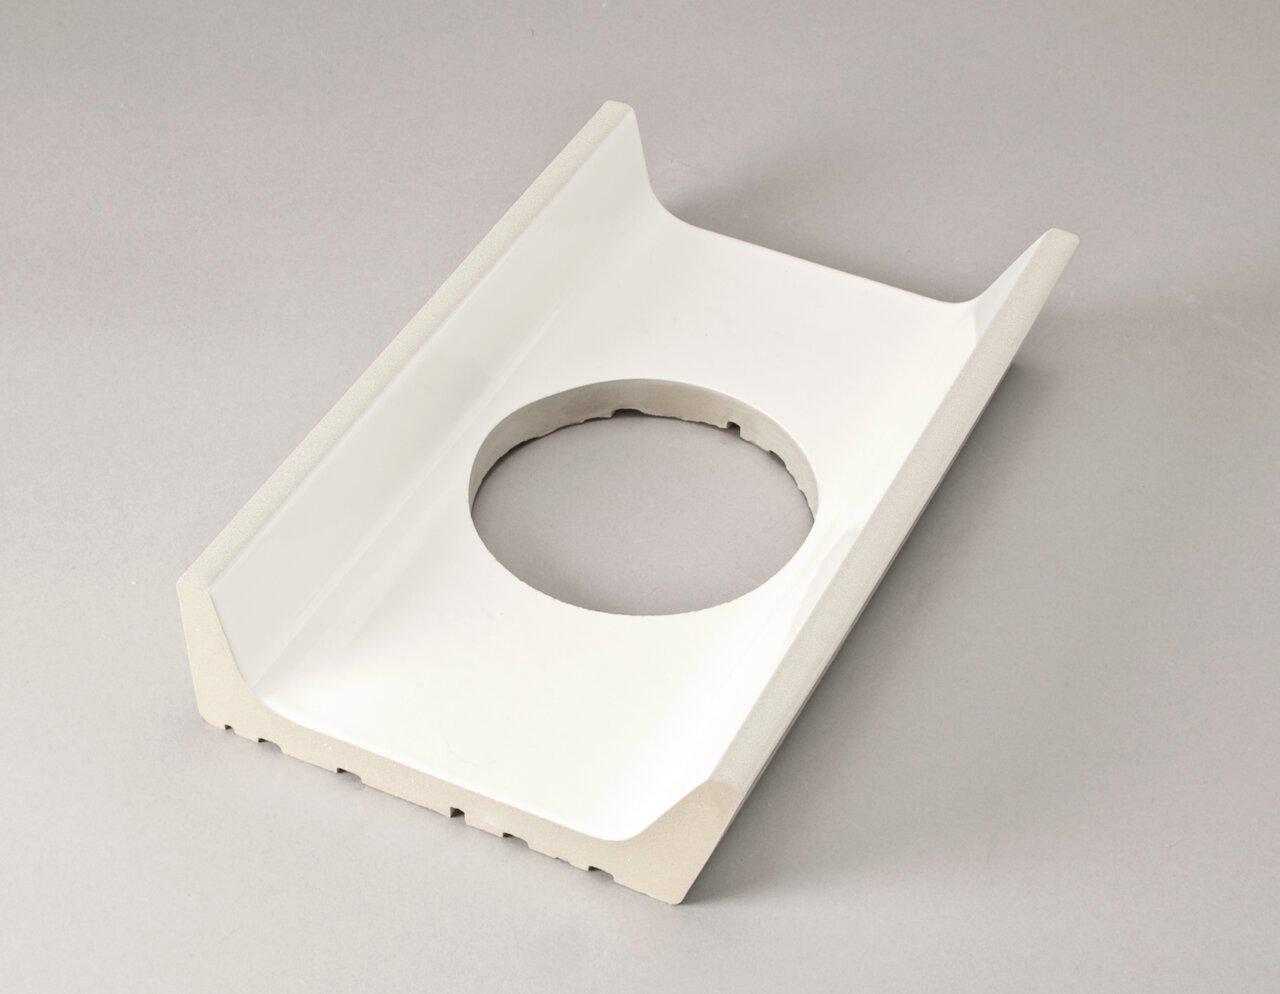 Лоток со сливом (ø 100 mm) 244x160x55/15 мм